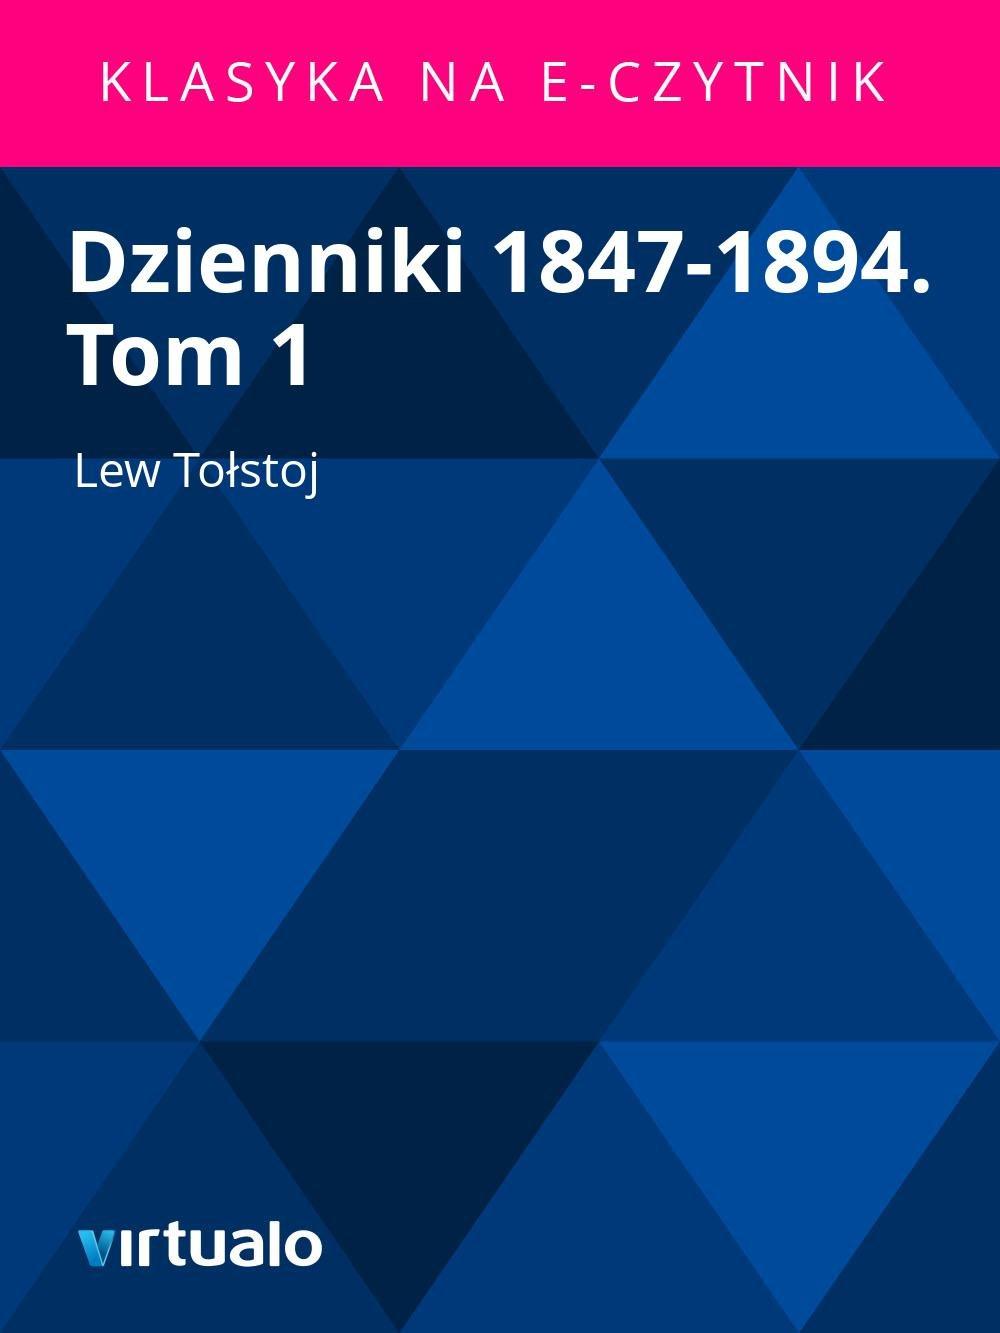 Dzienniki 1847-1894. Tom 1 - Ebook (Książka EPUB) do pobrania w formacie EPUB